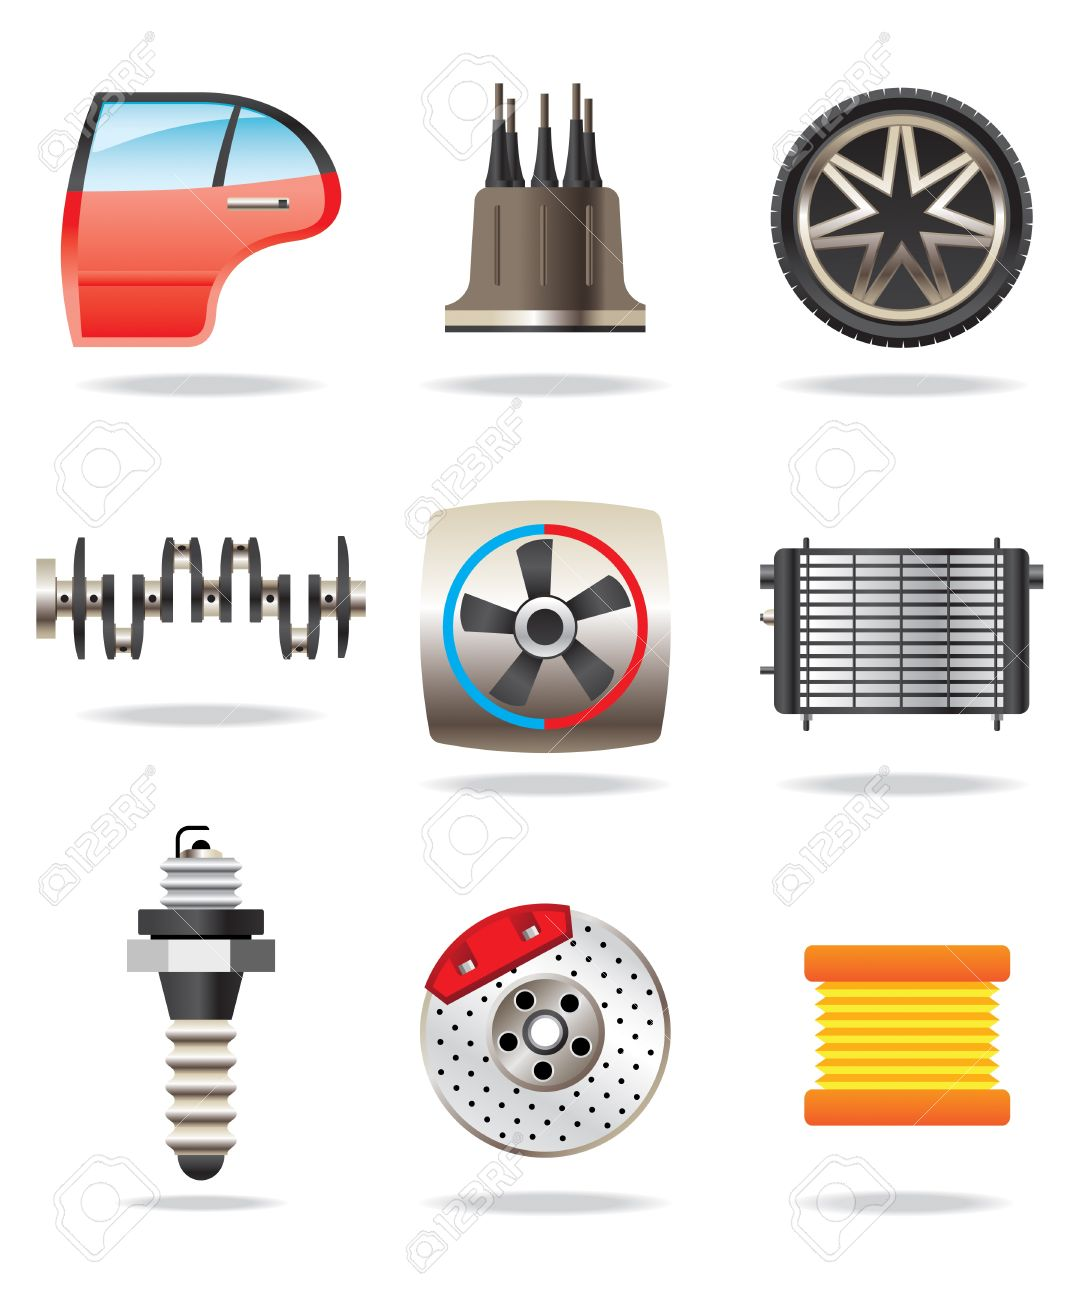 車の部品やシンボル - ベクトル イラスト ロイヤリティフリークリップ